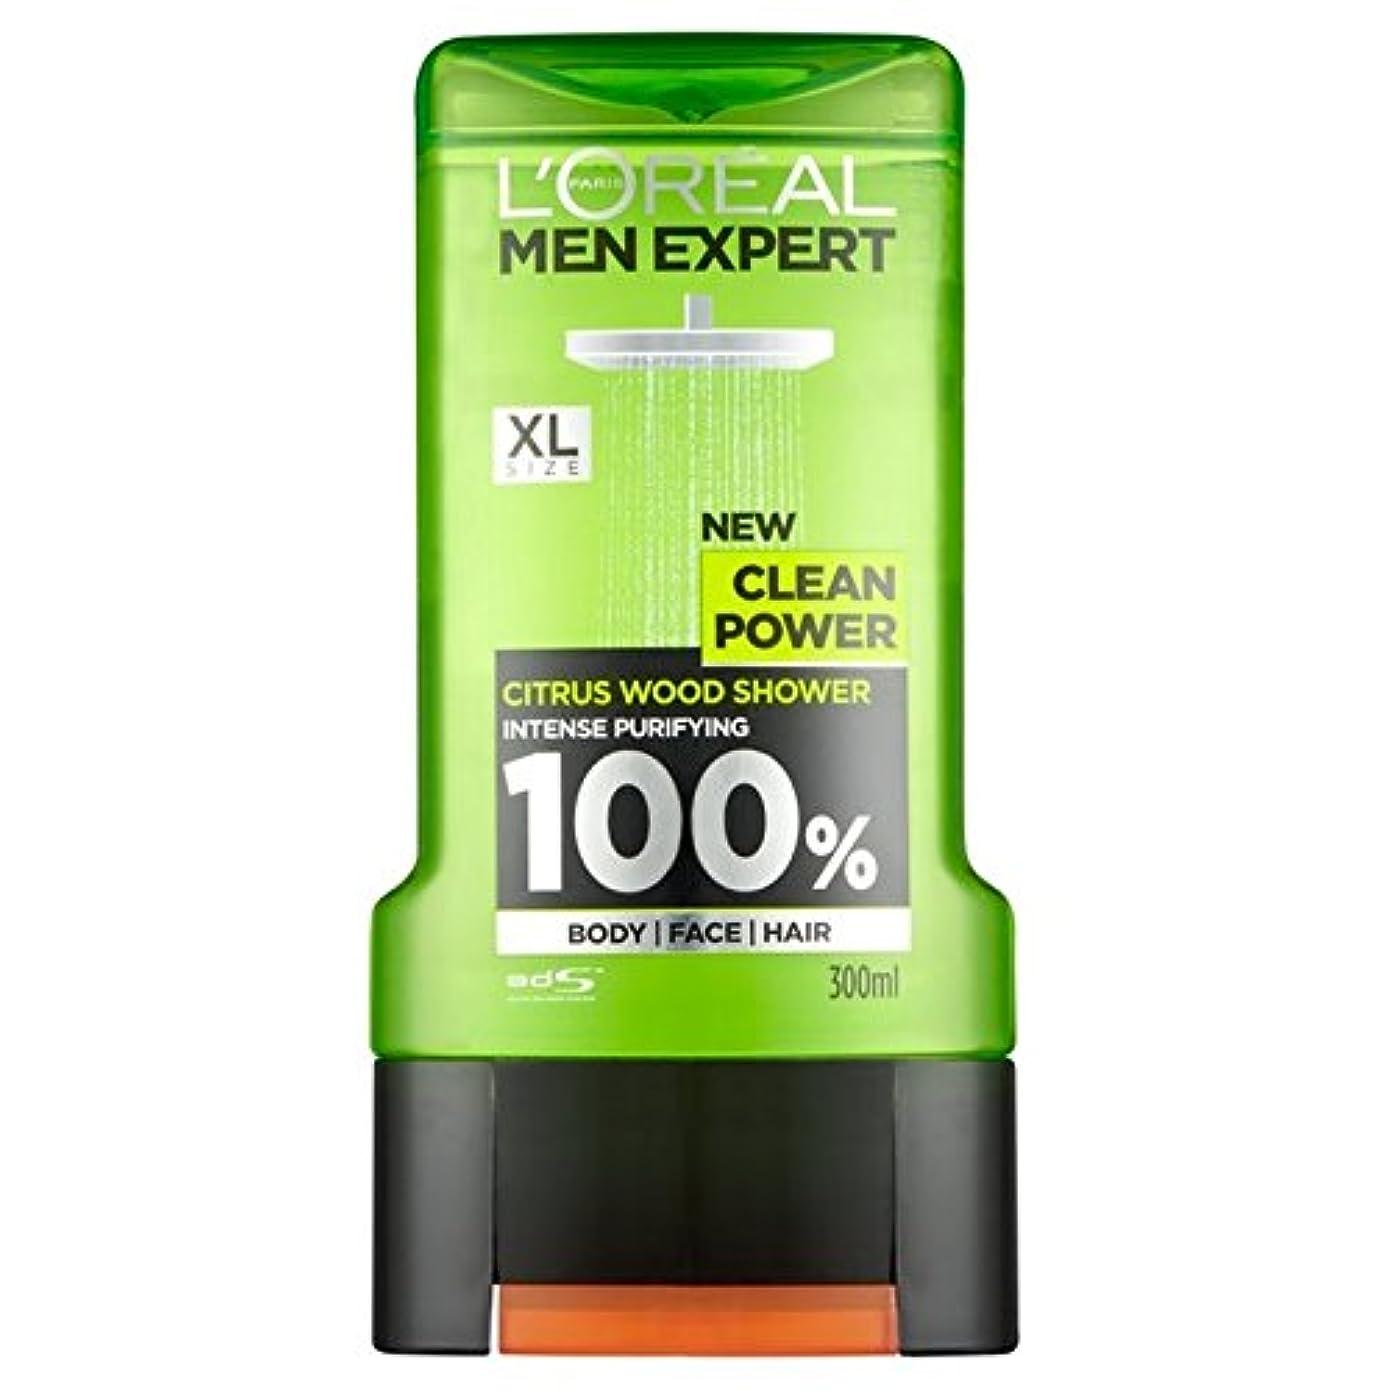 内陸シンプルさロッドロレアルパリの男性の専門家クリーンパワーシャワージェル300ミリリットル x2 - L'Oreal Paris Men Expert Clean Power Shower Gel 300ml (Pack of 2) [並行輸入品]